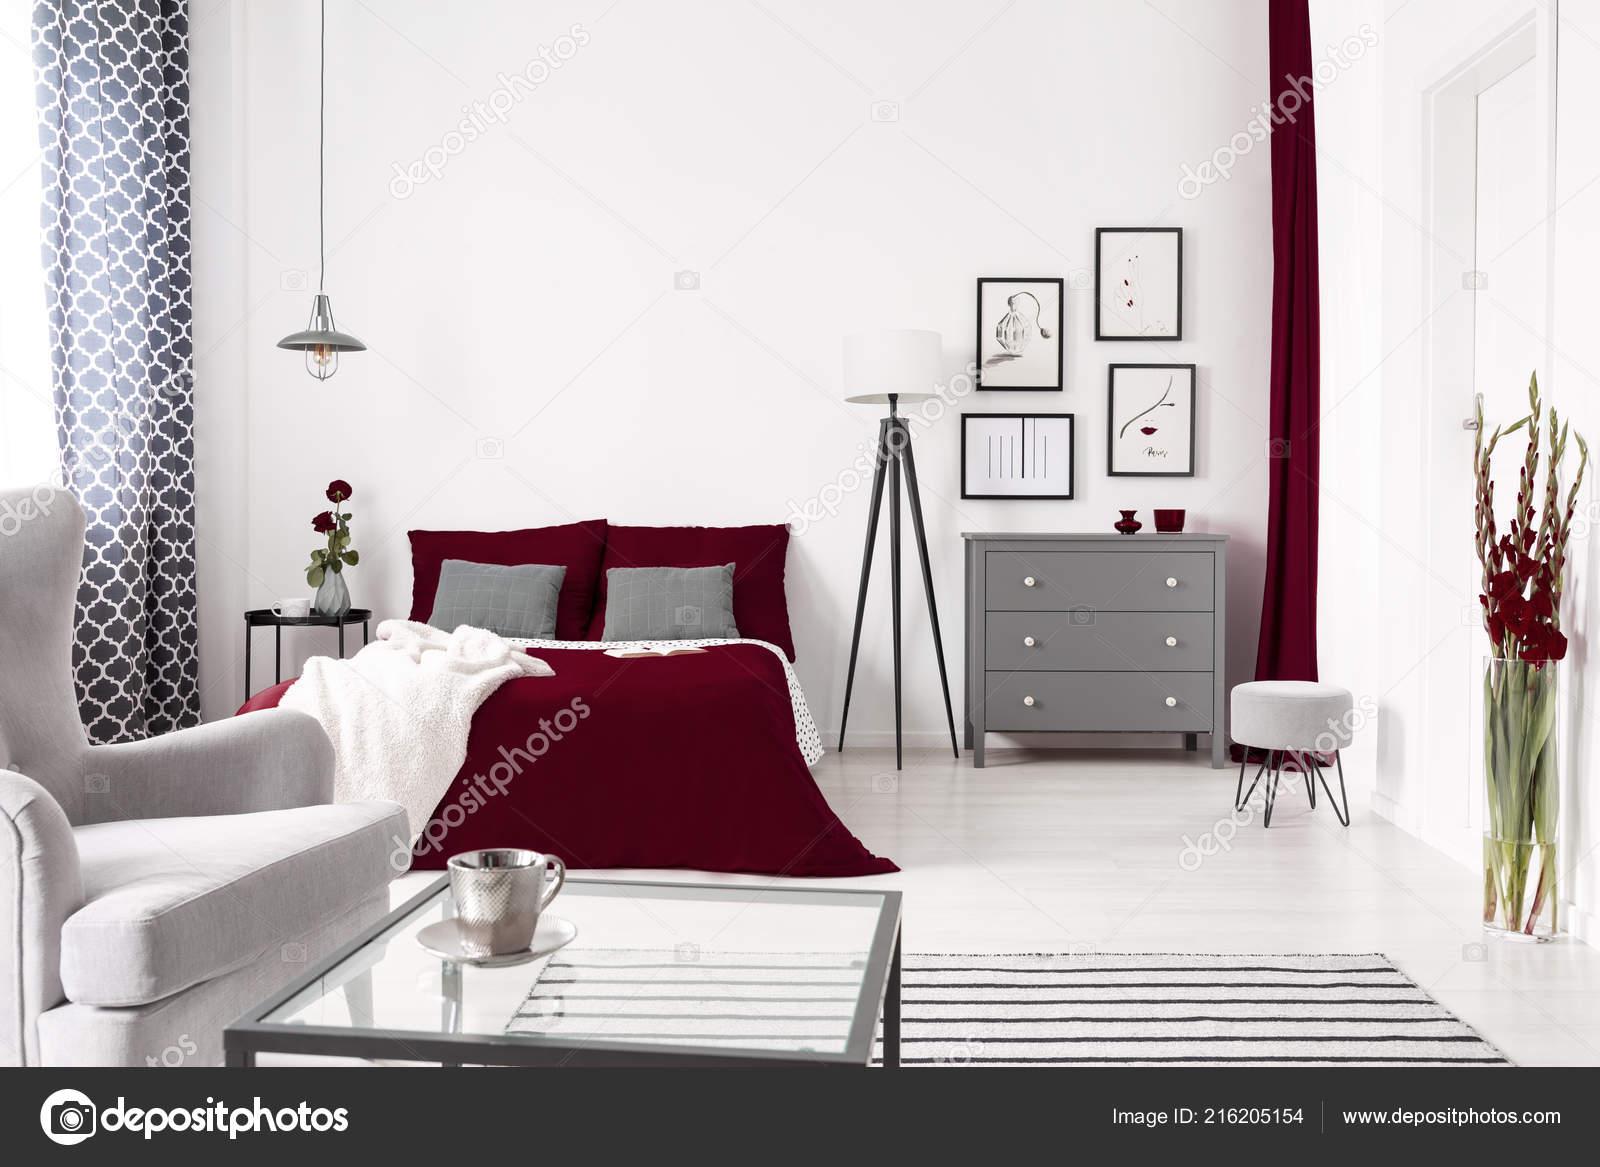 Camera Letto Bordeaux : Interno camera letto glamour bianco grigio bordeaux con letto